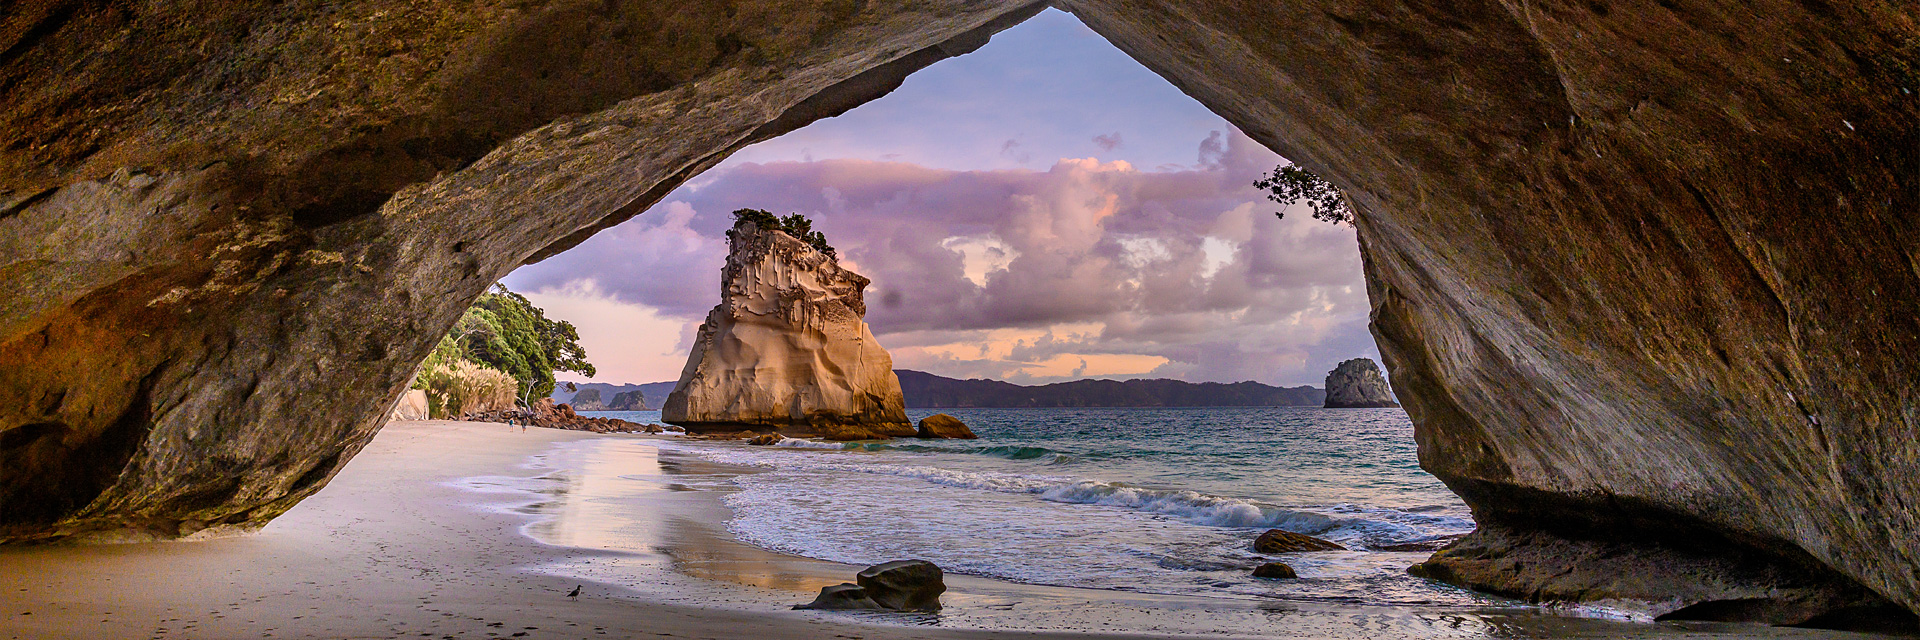 Neuseeland – Ein halbes Jahr durchs Land der Kiwis